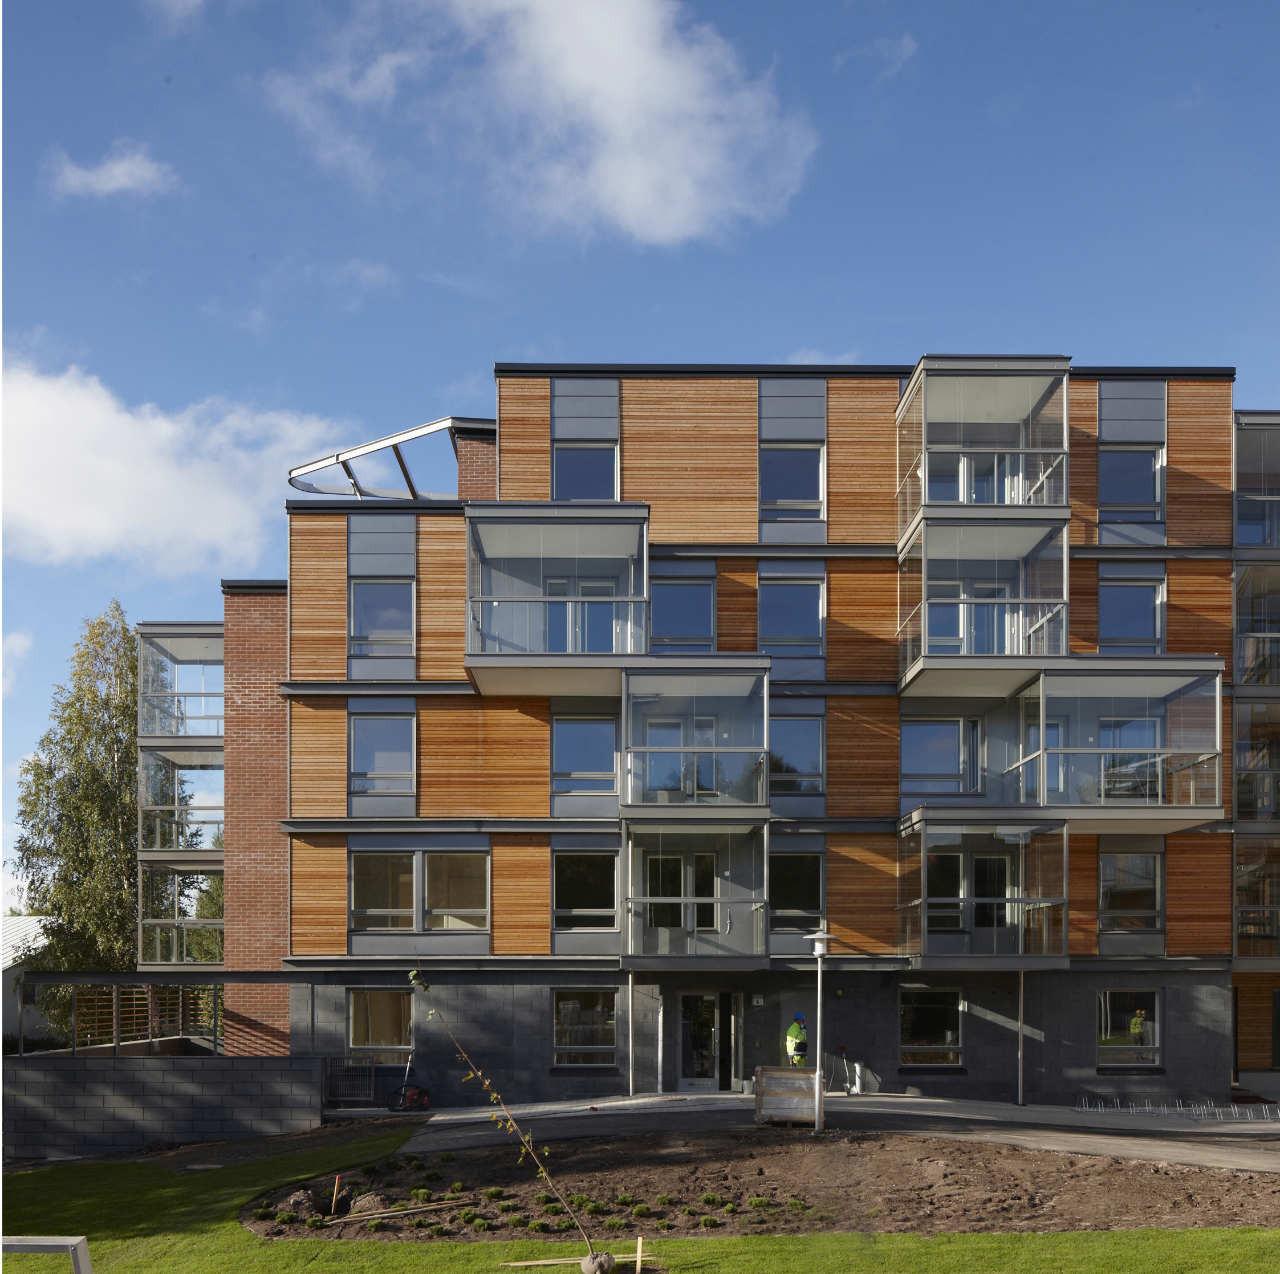 Ruotutorppa Social Housing / Arkkitehdit Hannunkari & Mäkipaja Architects, © Mikael Linden